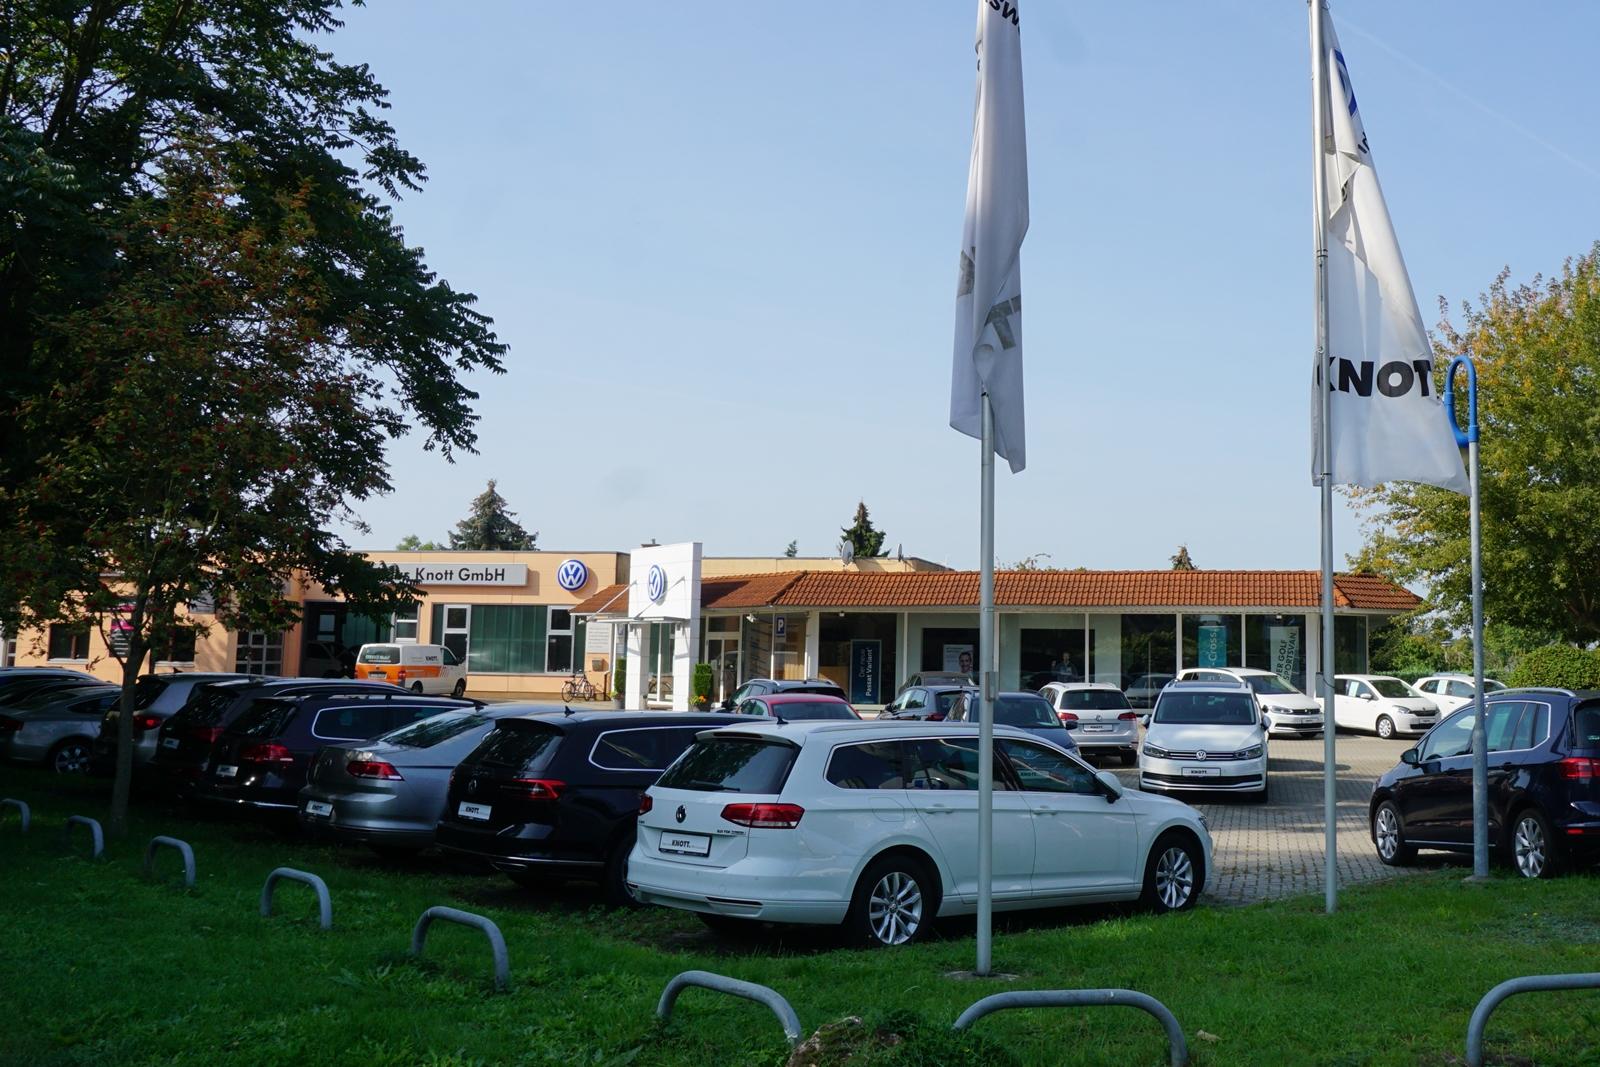 Autohaus Knott in Finsterwalde